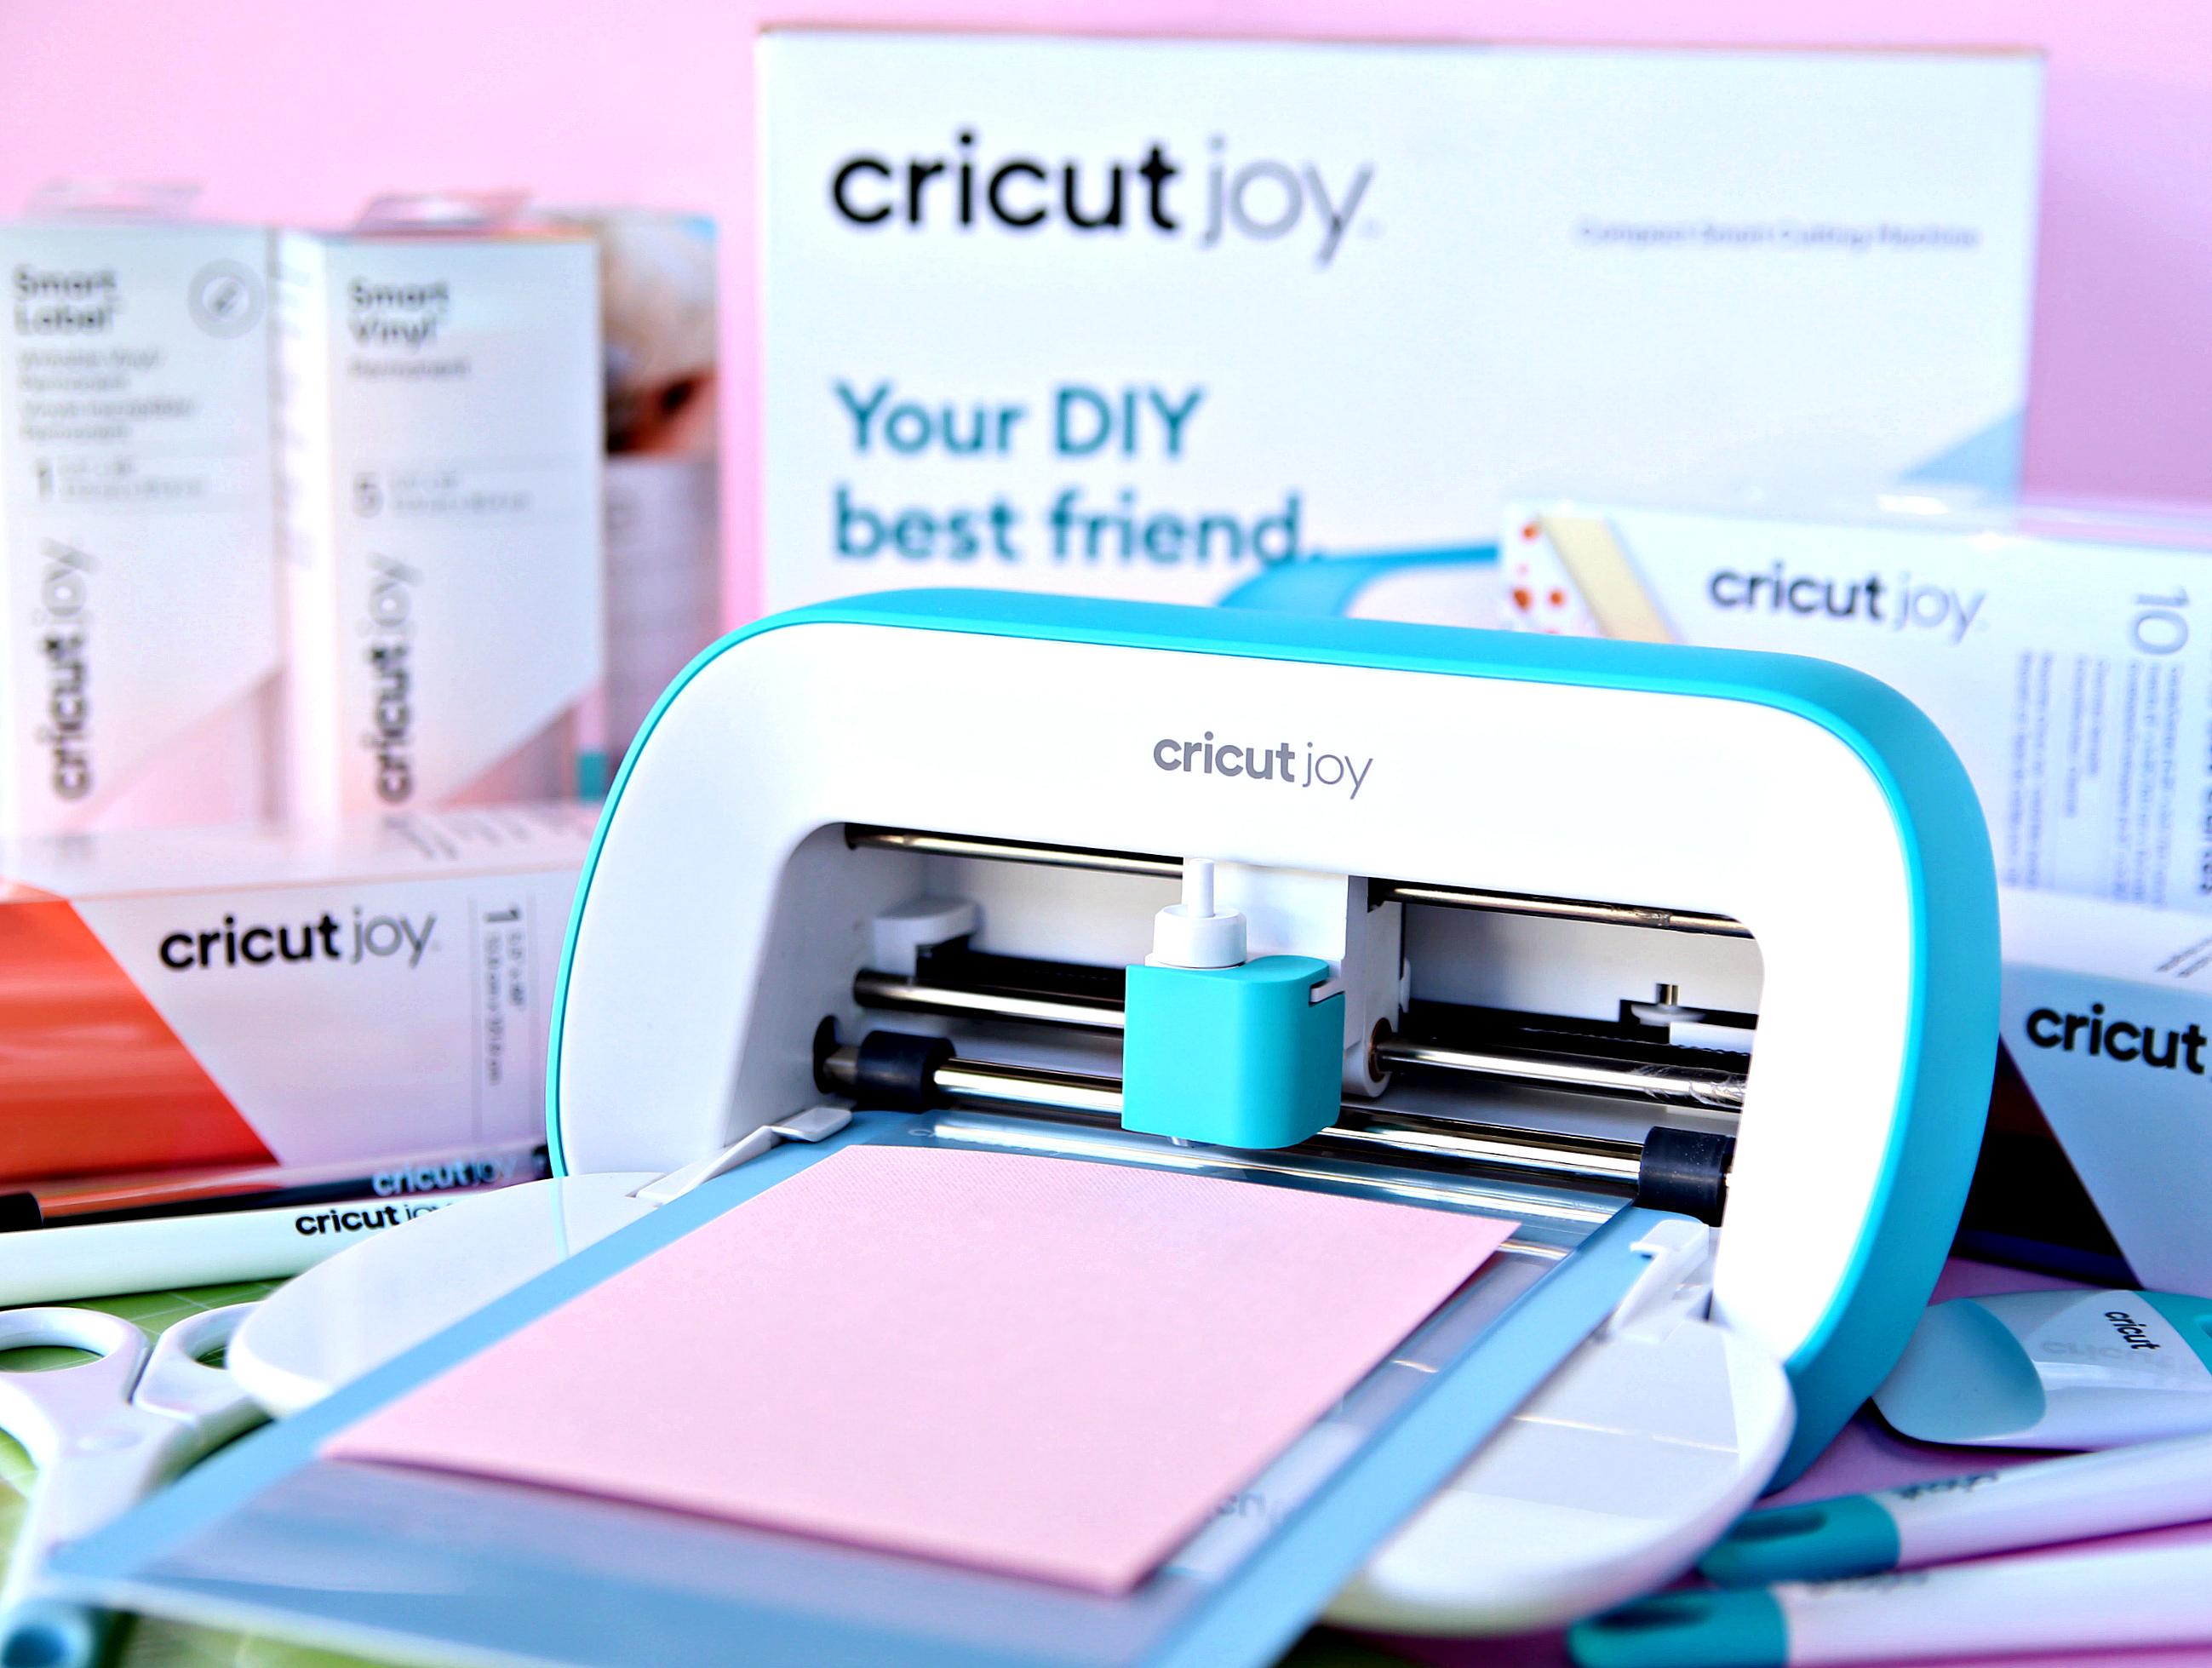 Cricut Joy Your DIY Best Friend